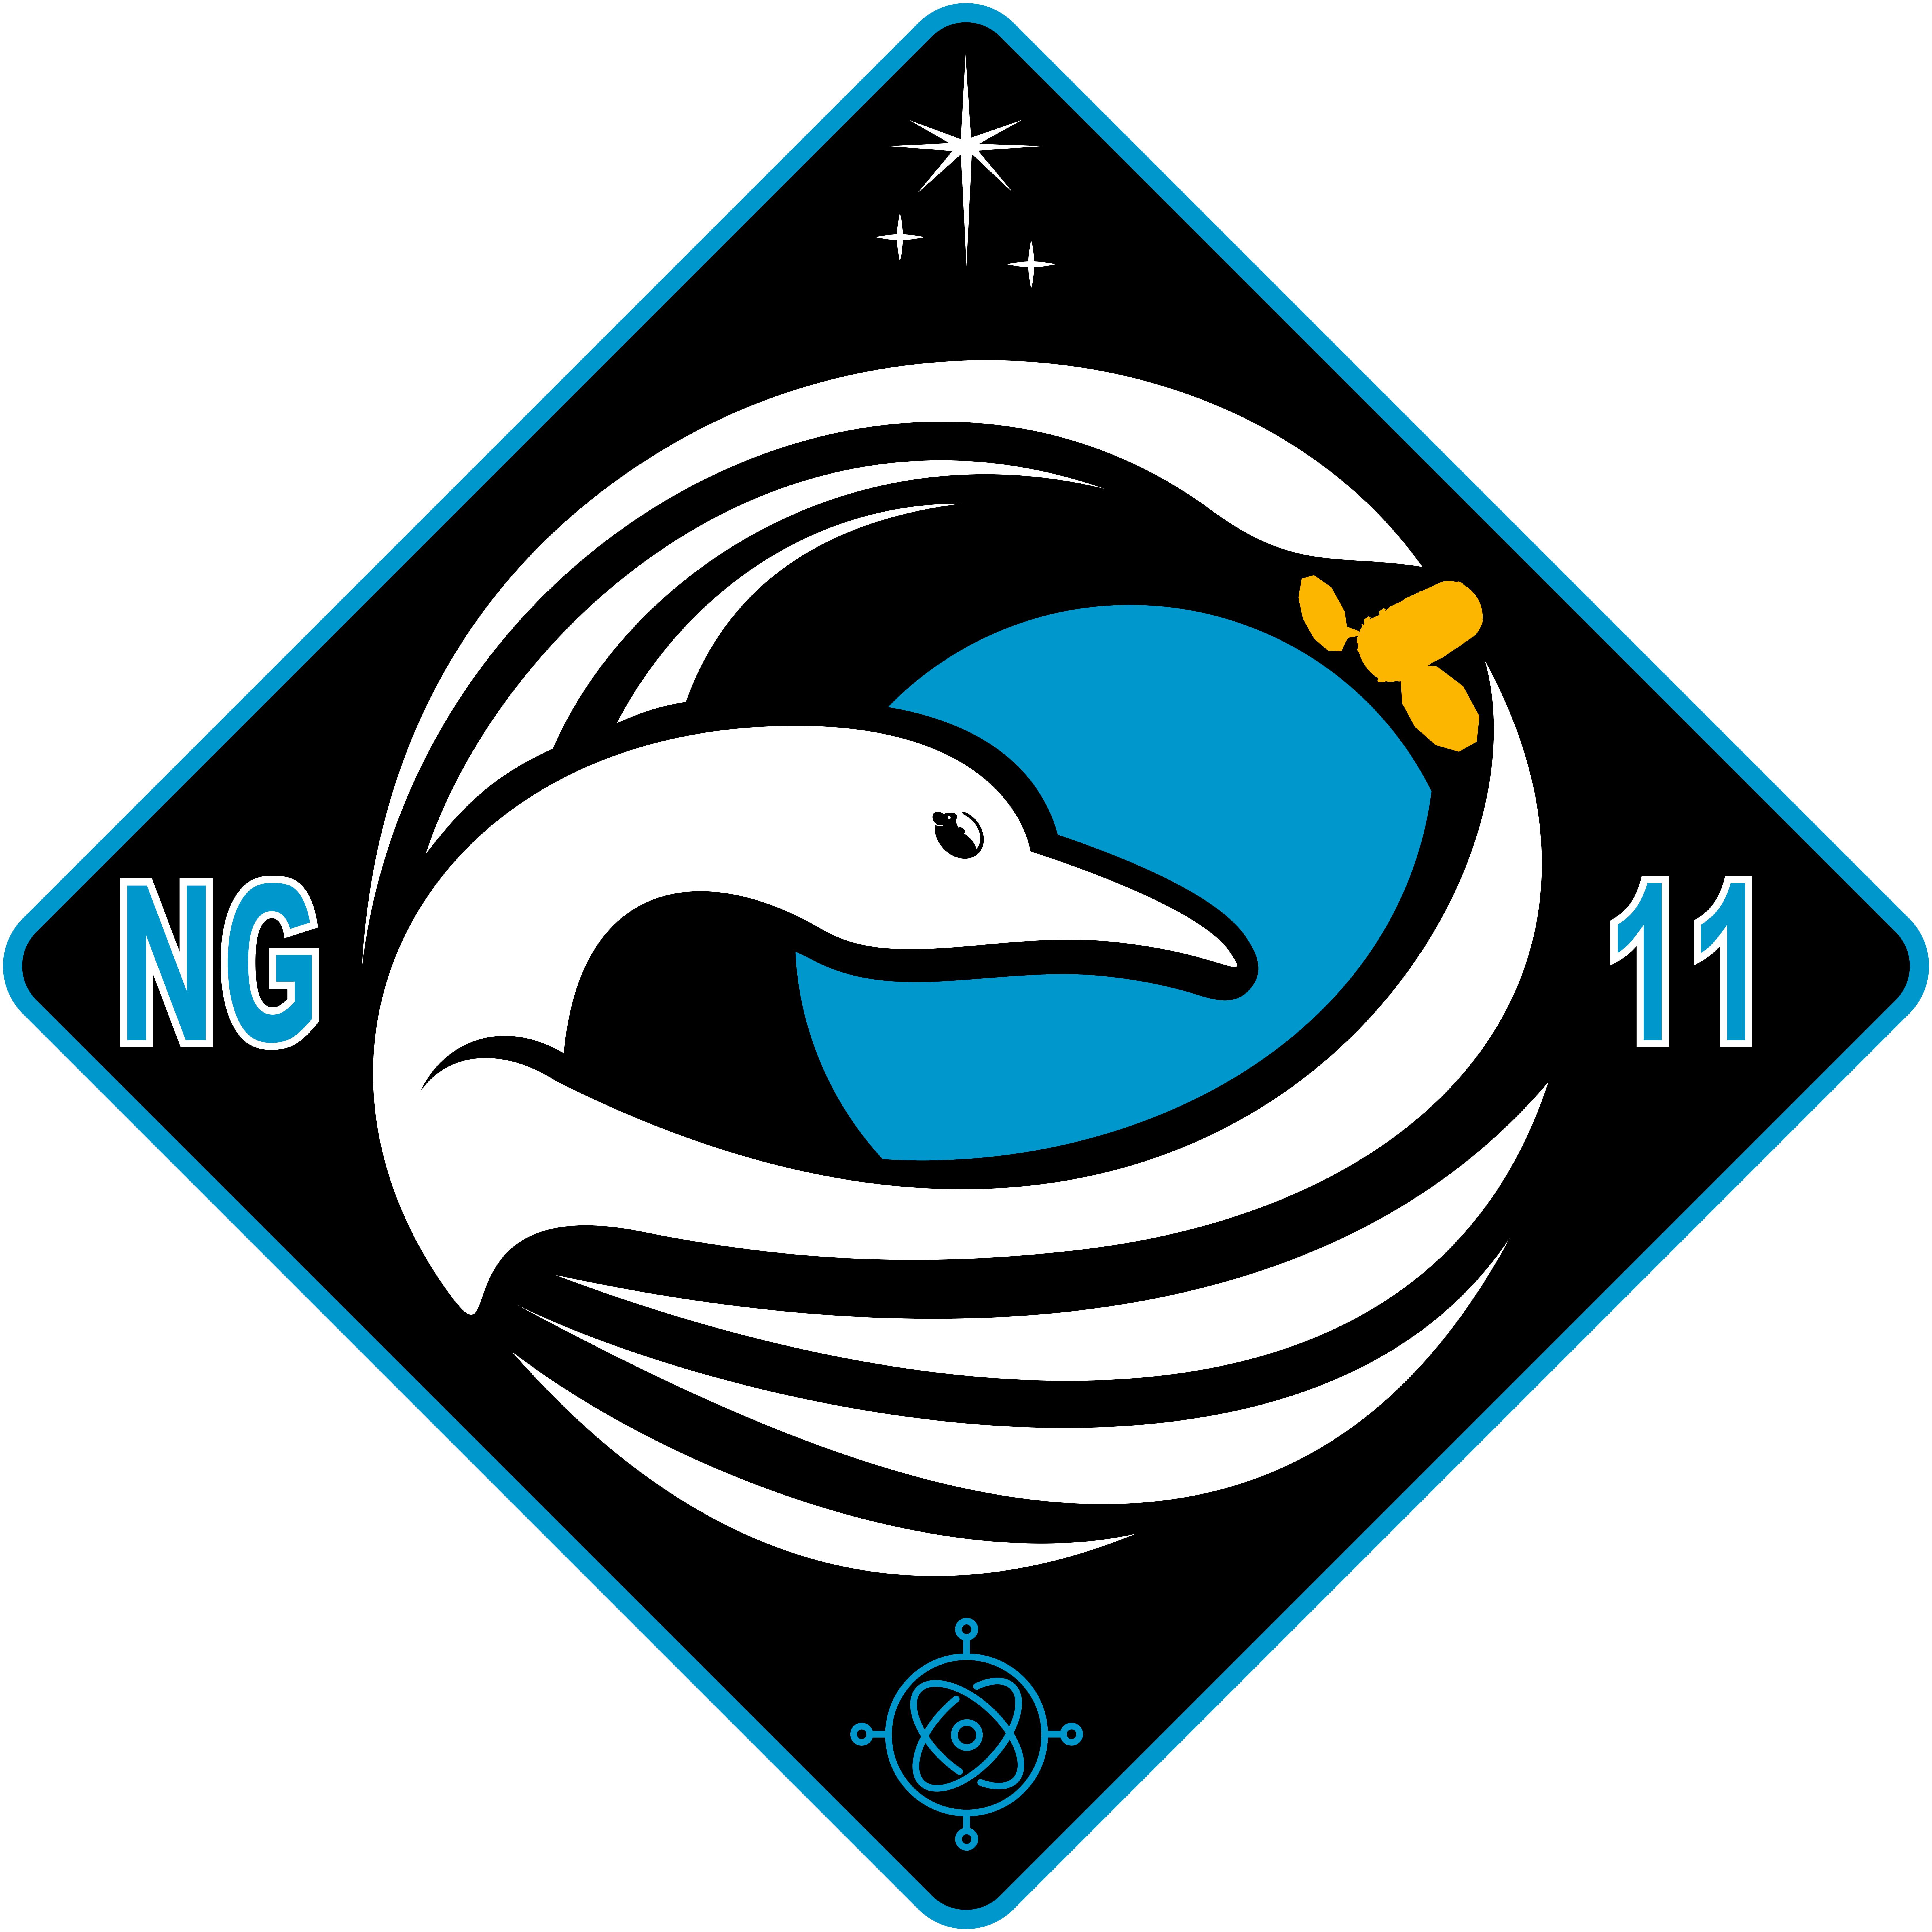 File:Cygnus NG.